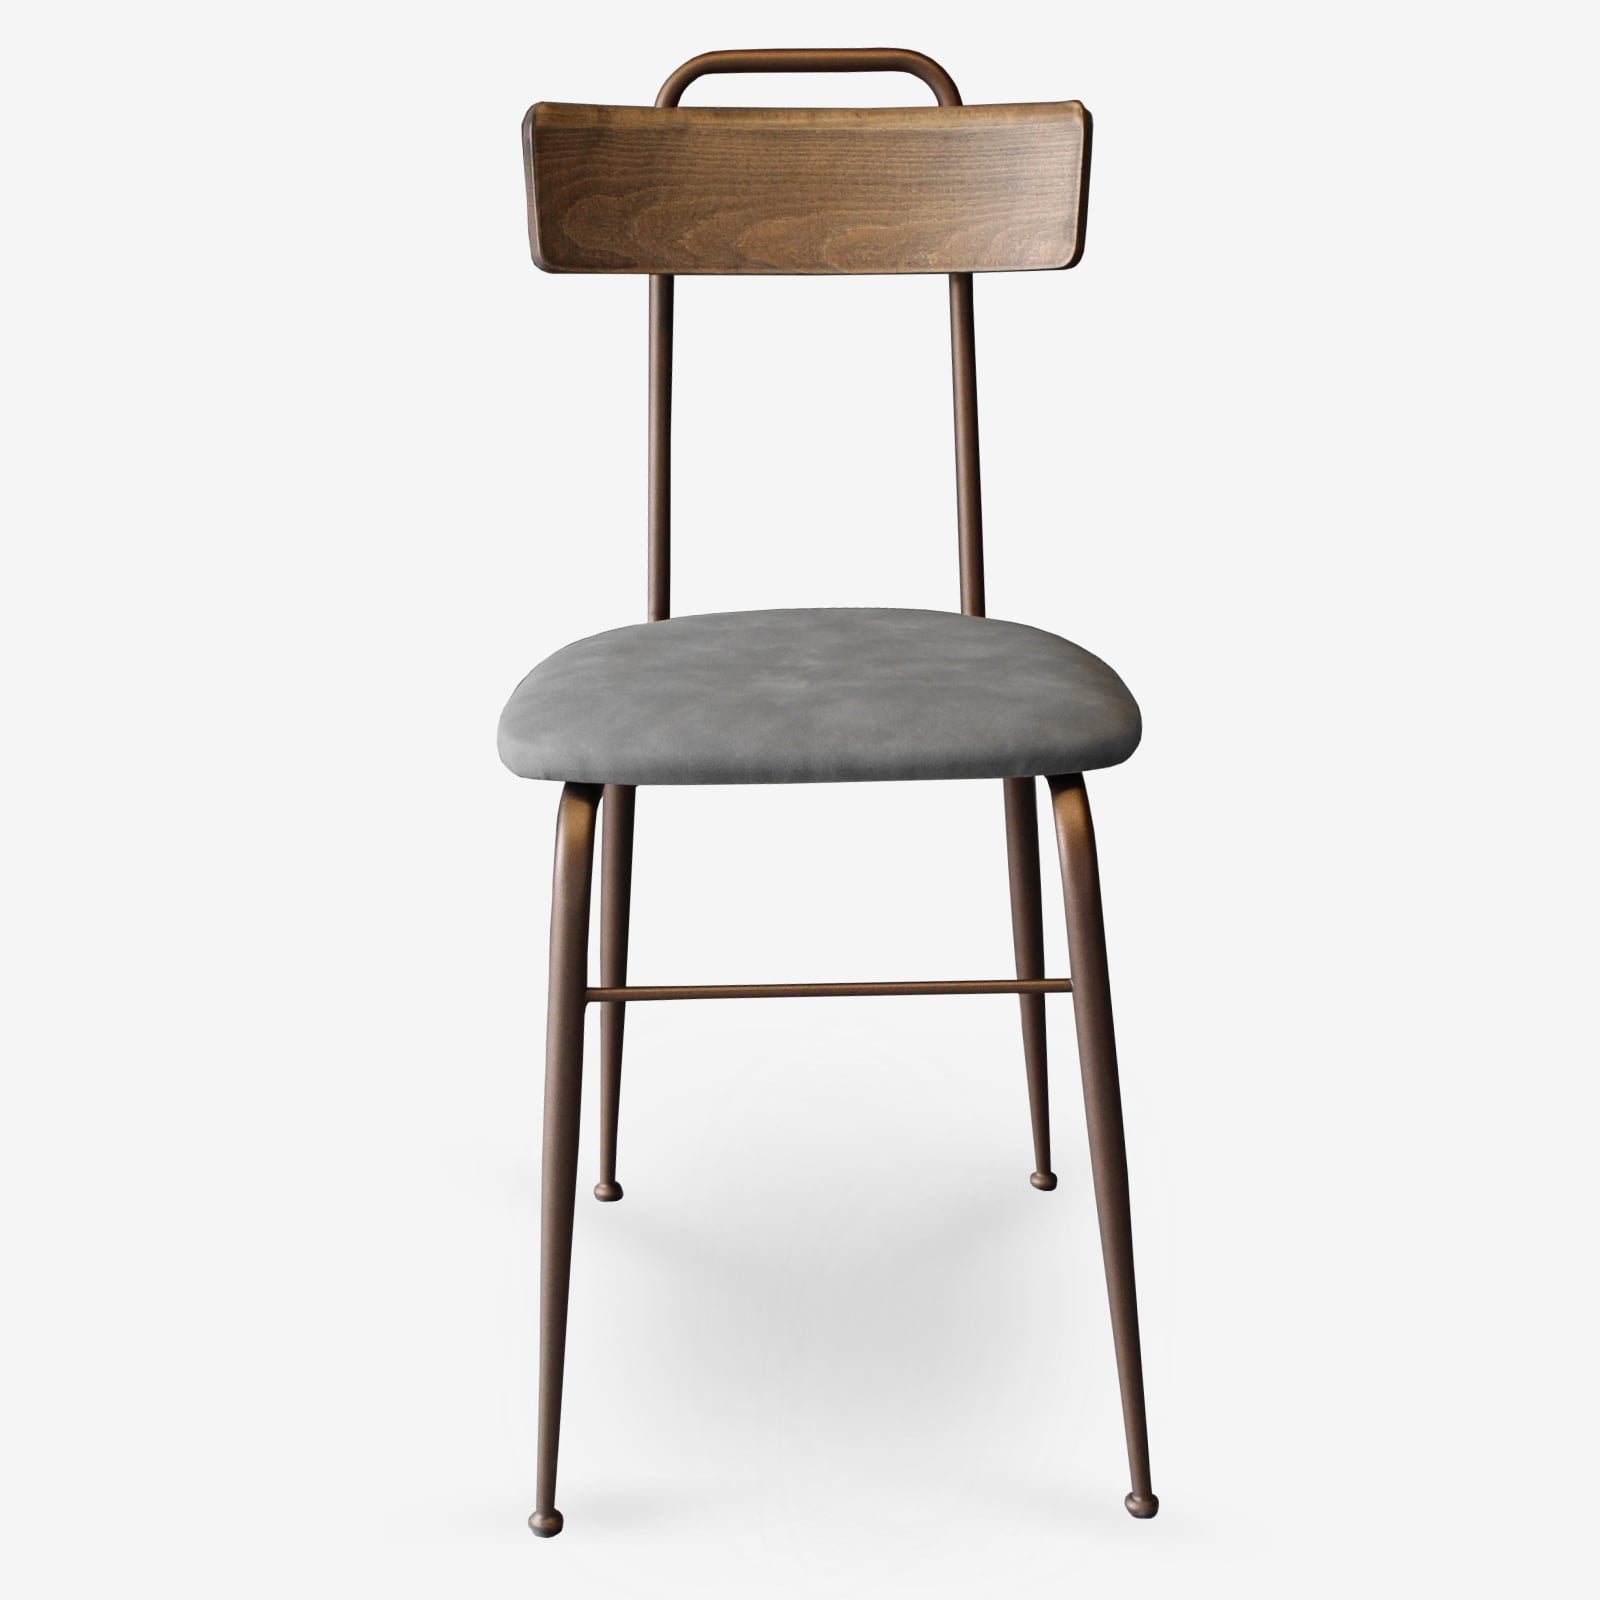 Sedie-in-ecopelle-e-metallo-bronzo-sedie-per-ristoranti-alberghi-bar-sedie-vintage-sedie-di-design-sedie-moderne-Clo- fgr